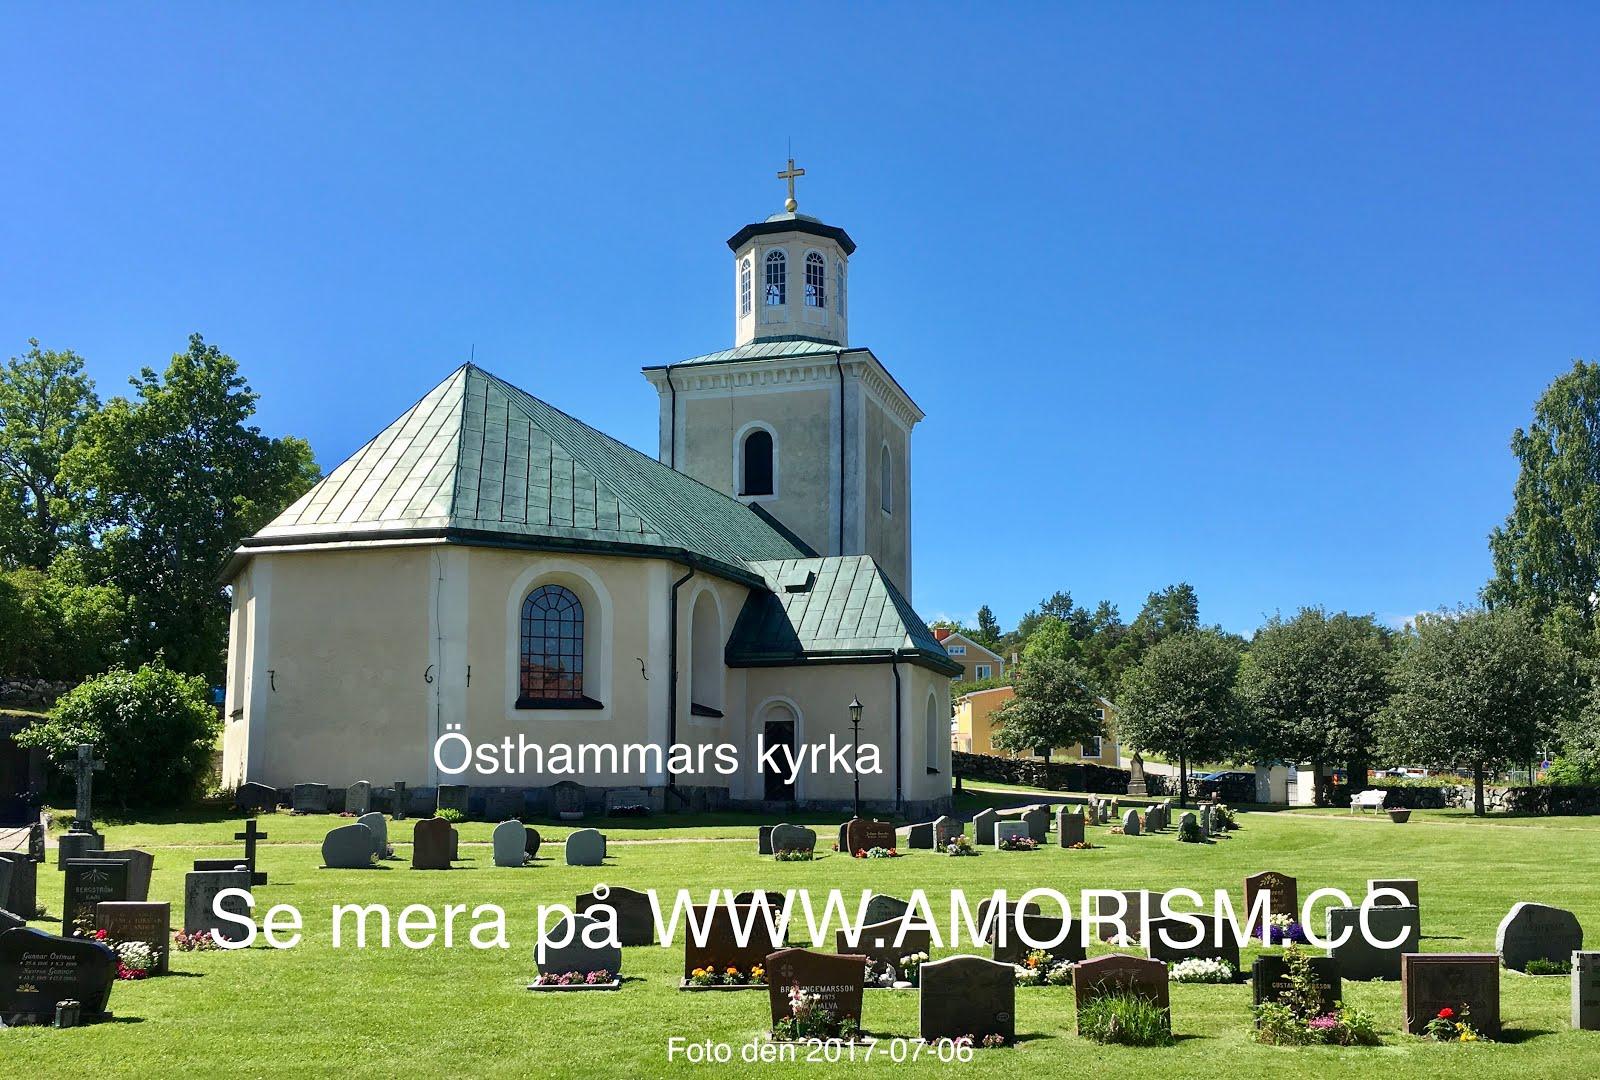 Östhammars kyrka + amorism